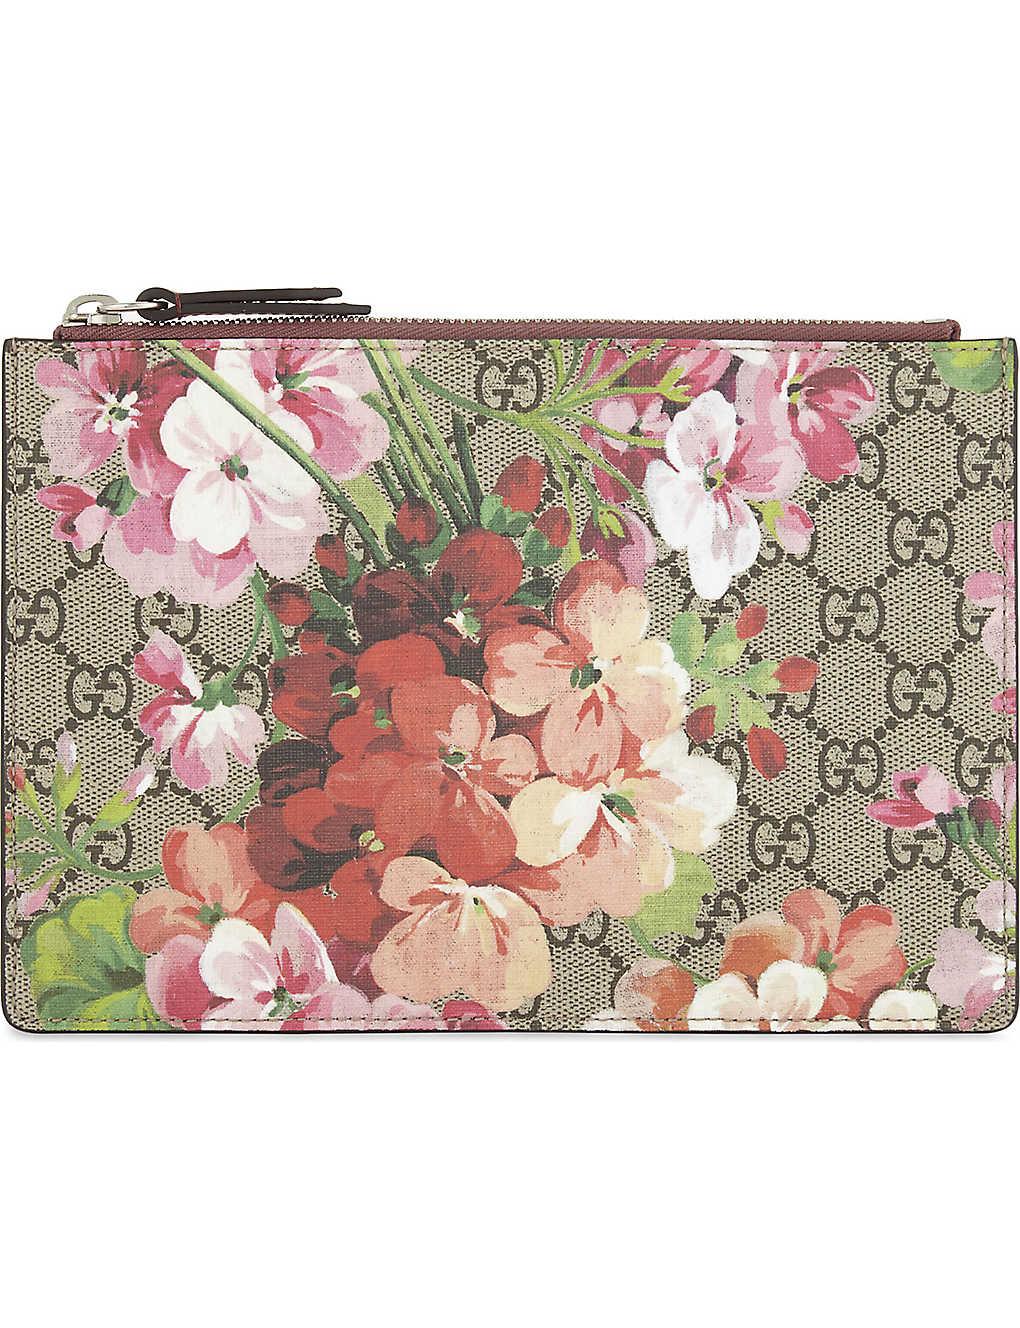 8a99c910c8e9a4 GUCCI - GG Blooms pouch | Selfridges.com